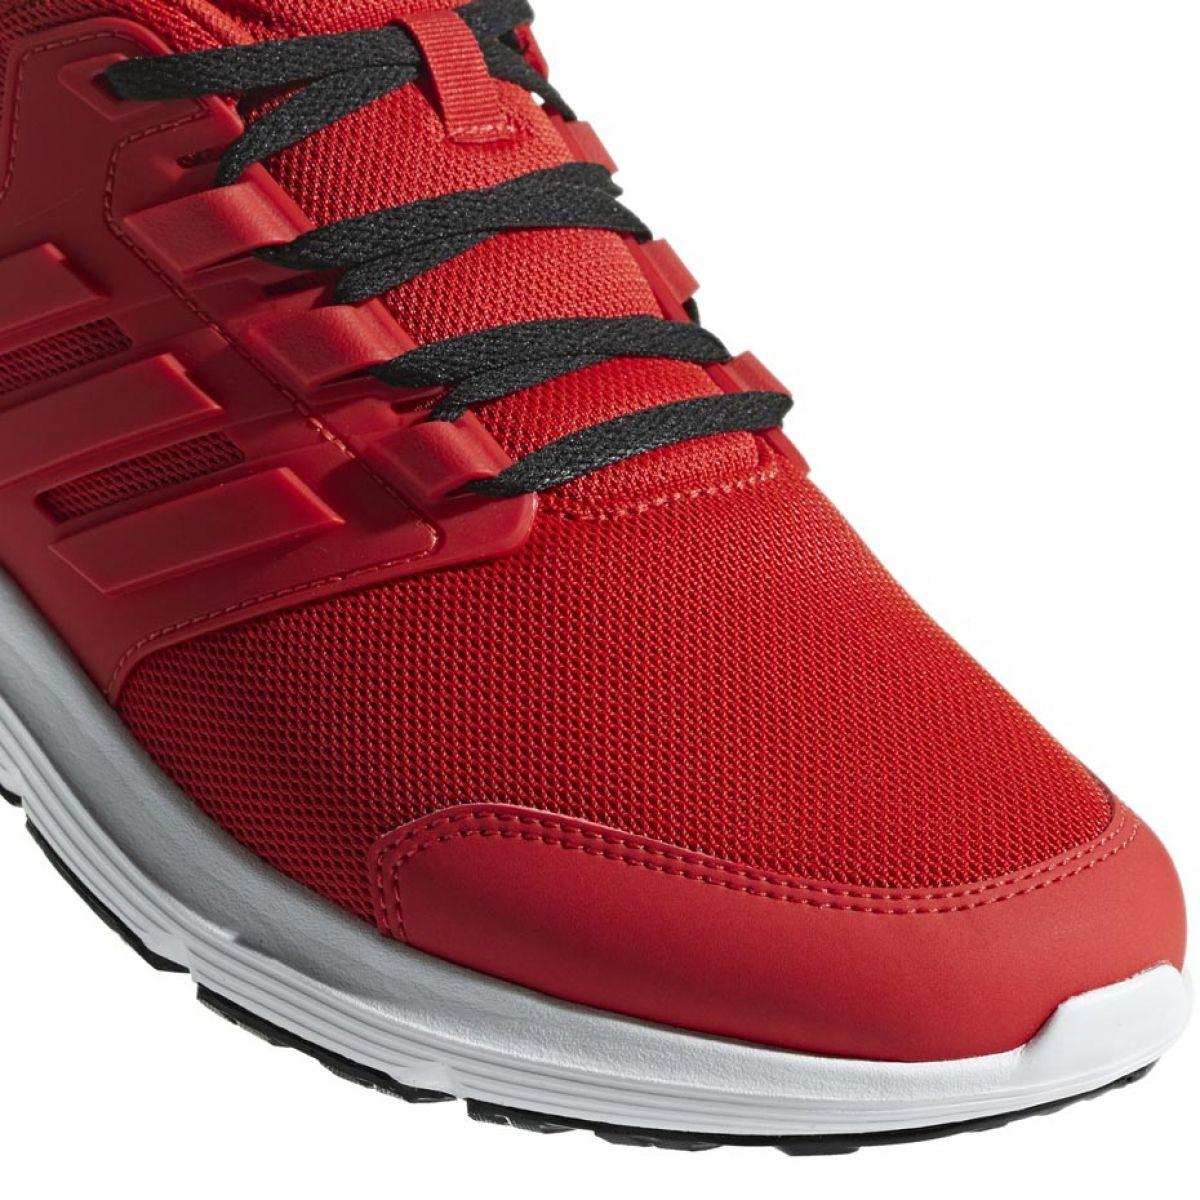 Rojo Zapatillas Adidas Galaxy 4 F36160 M W2EHID9